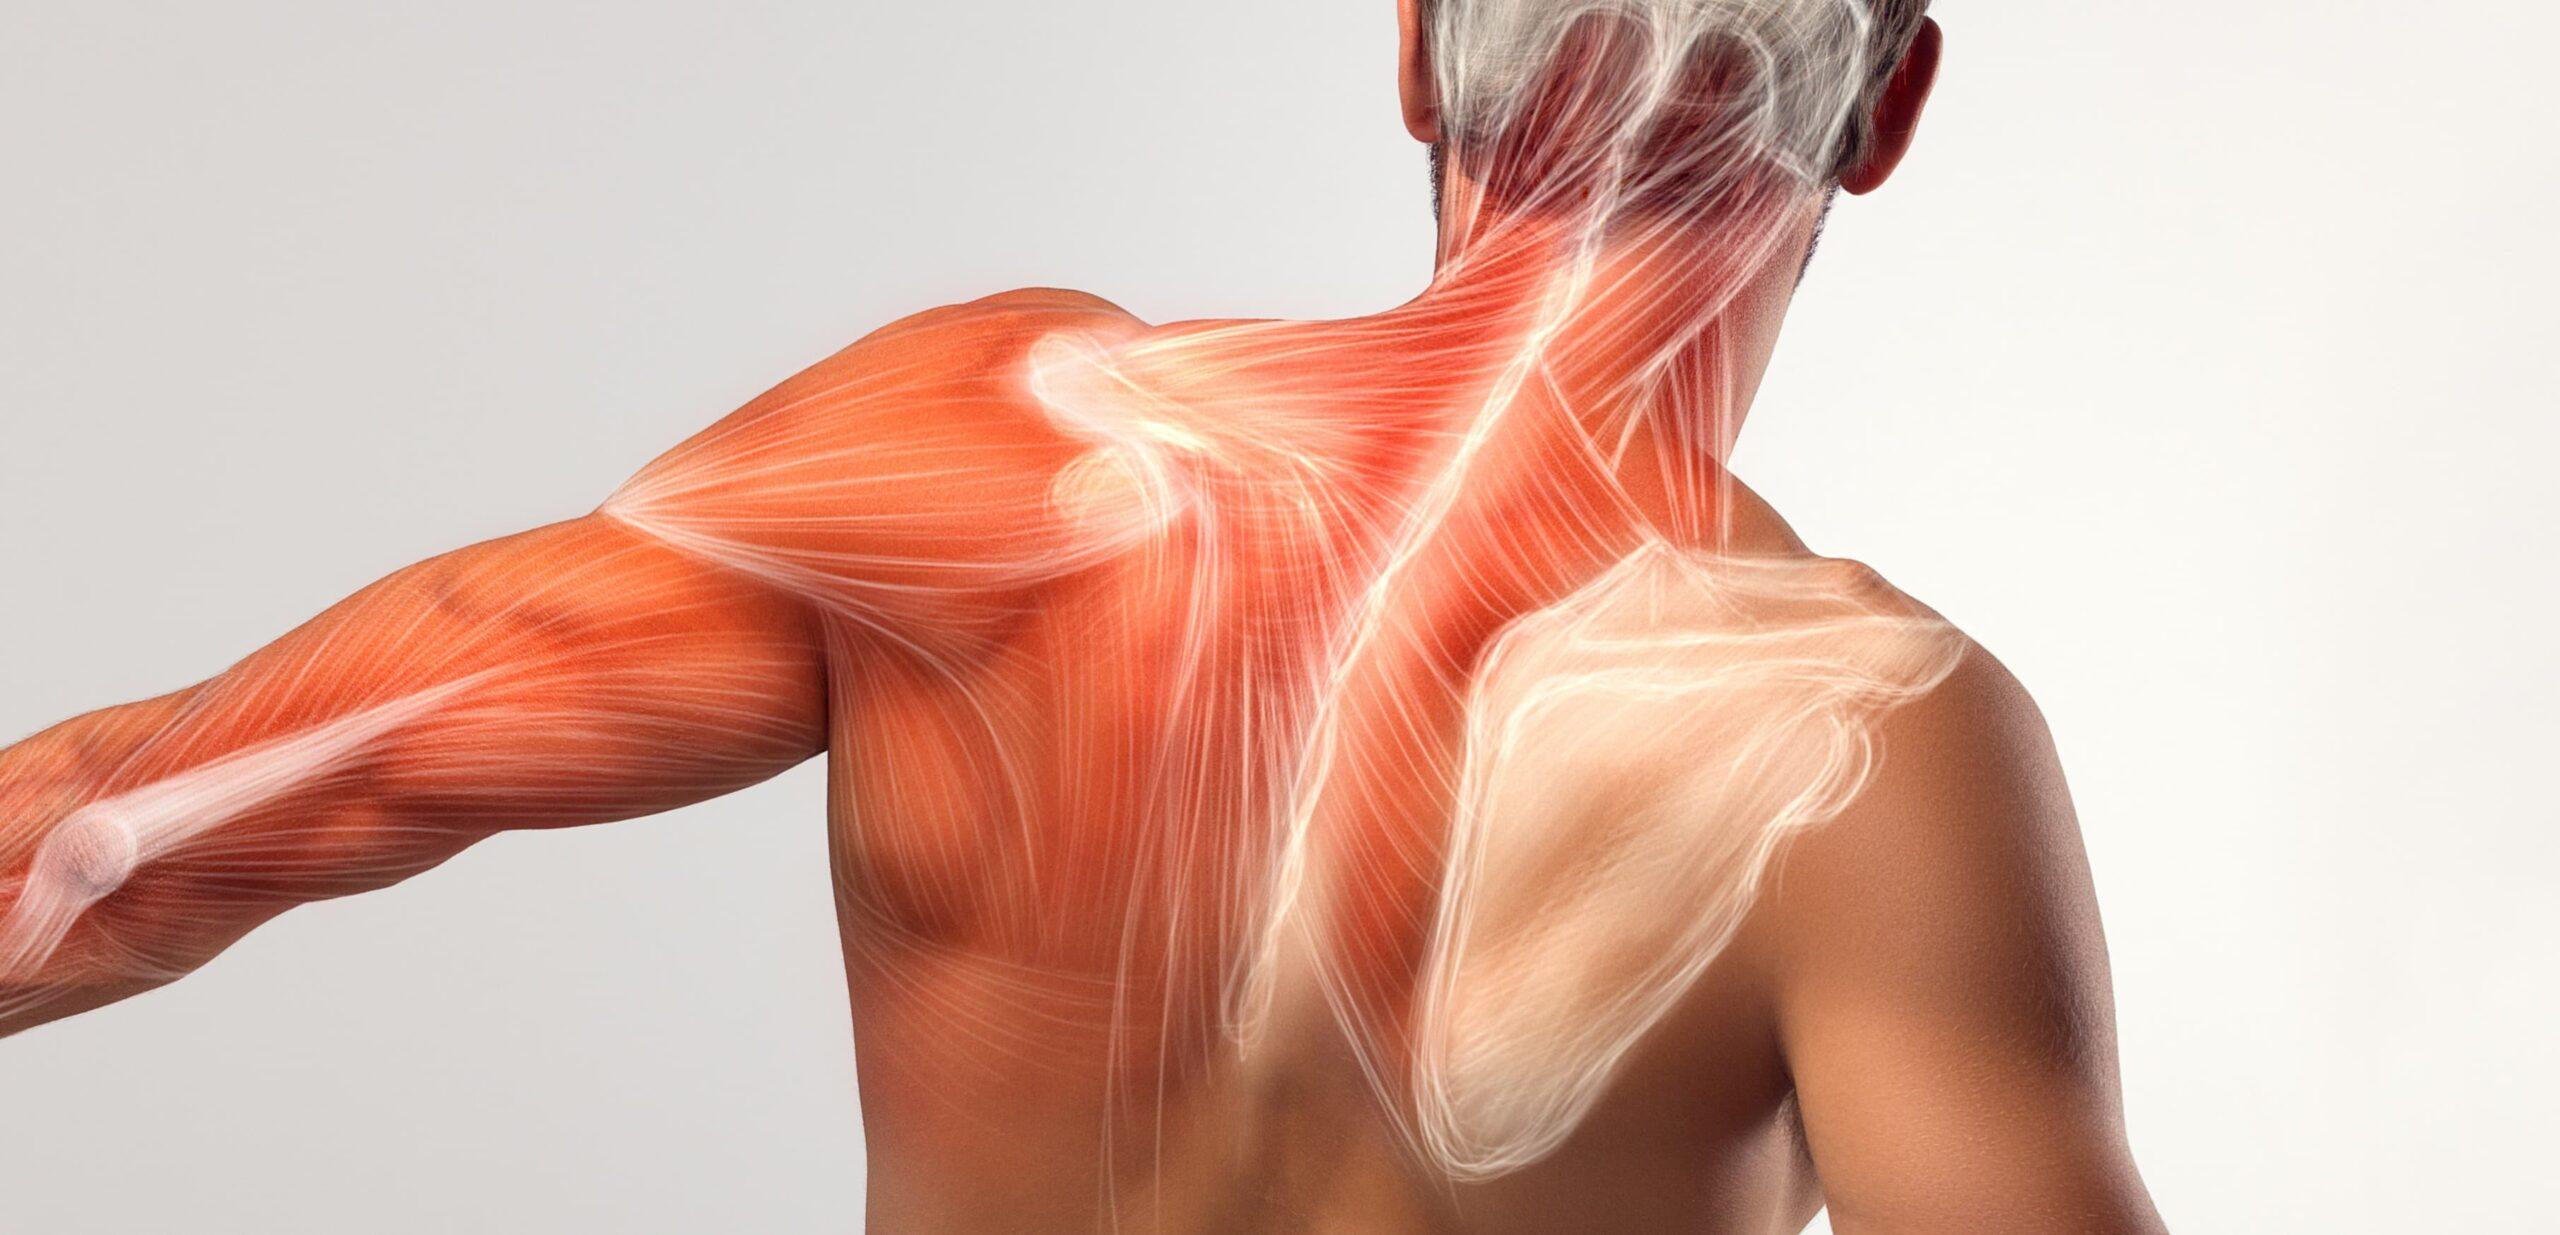 romboidi anatomia e esercizi